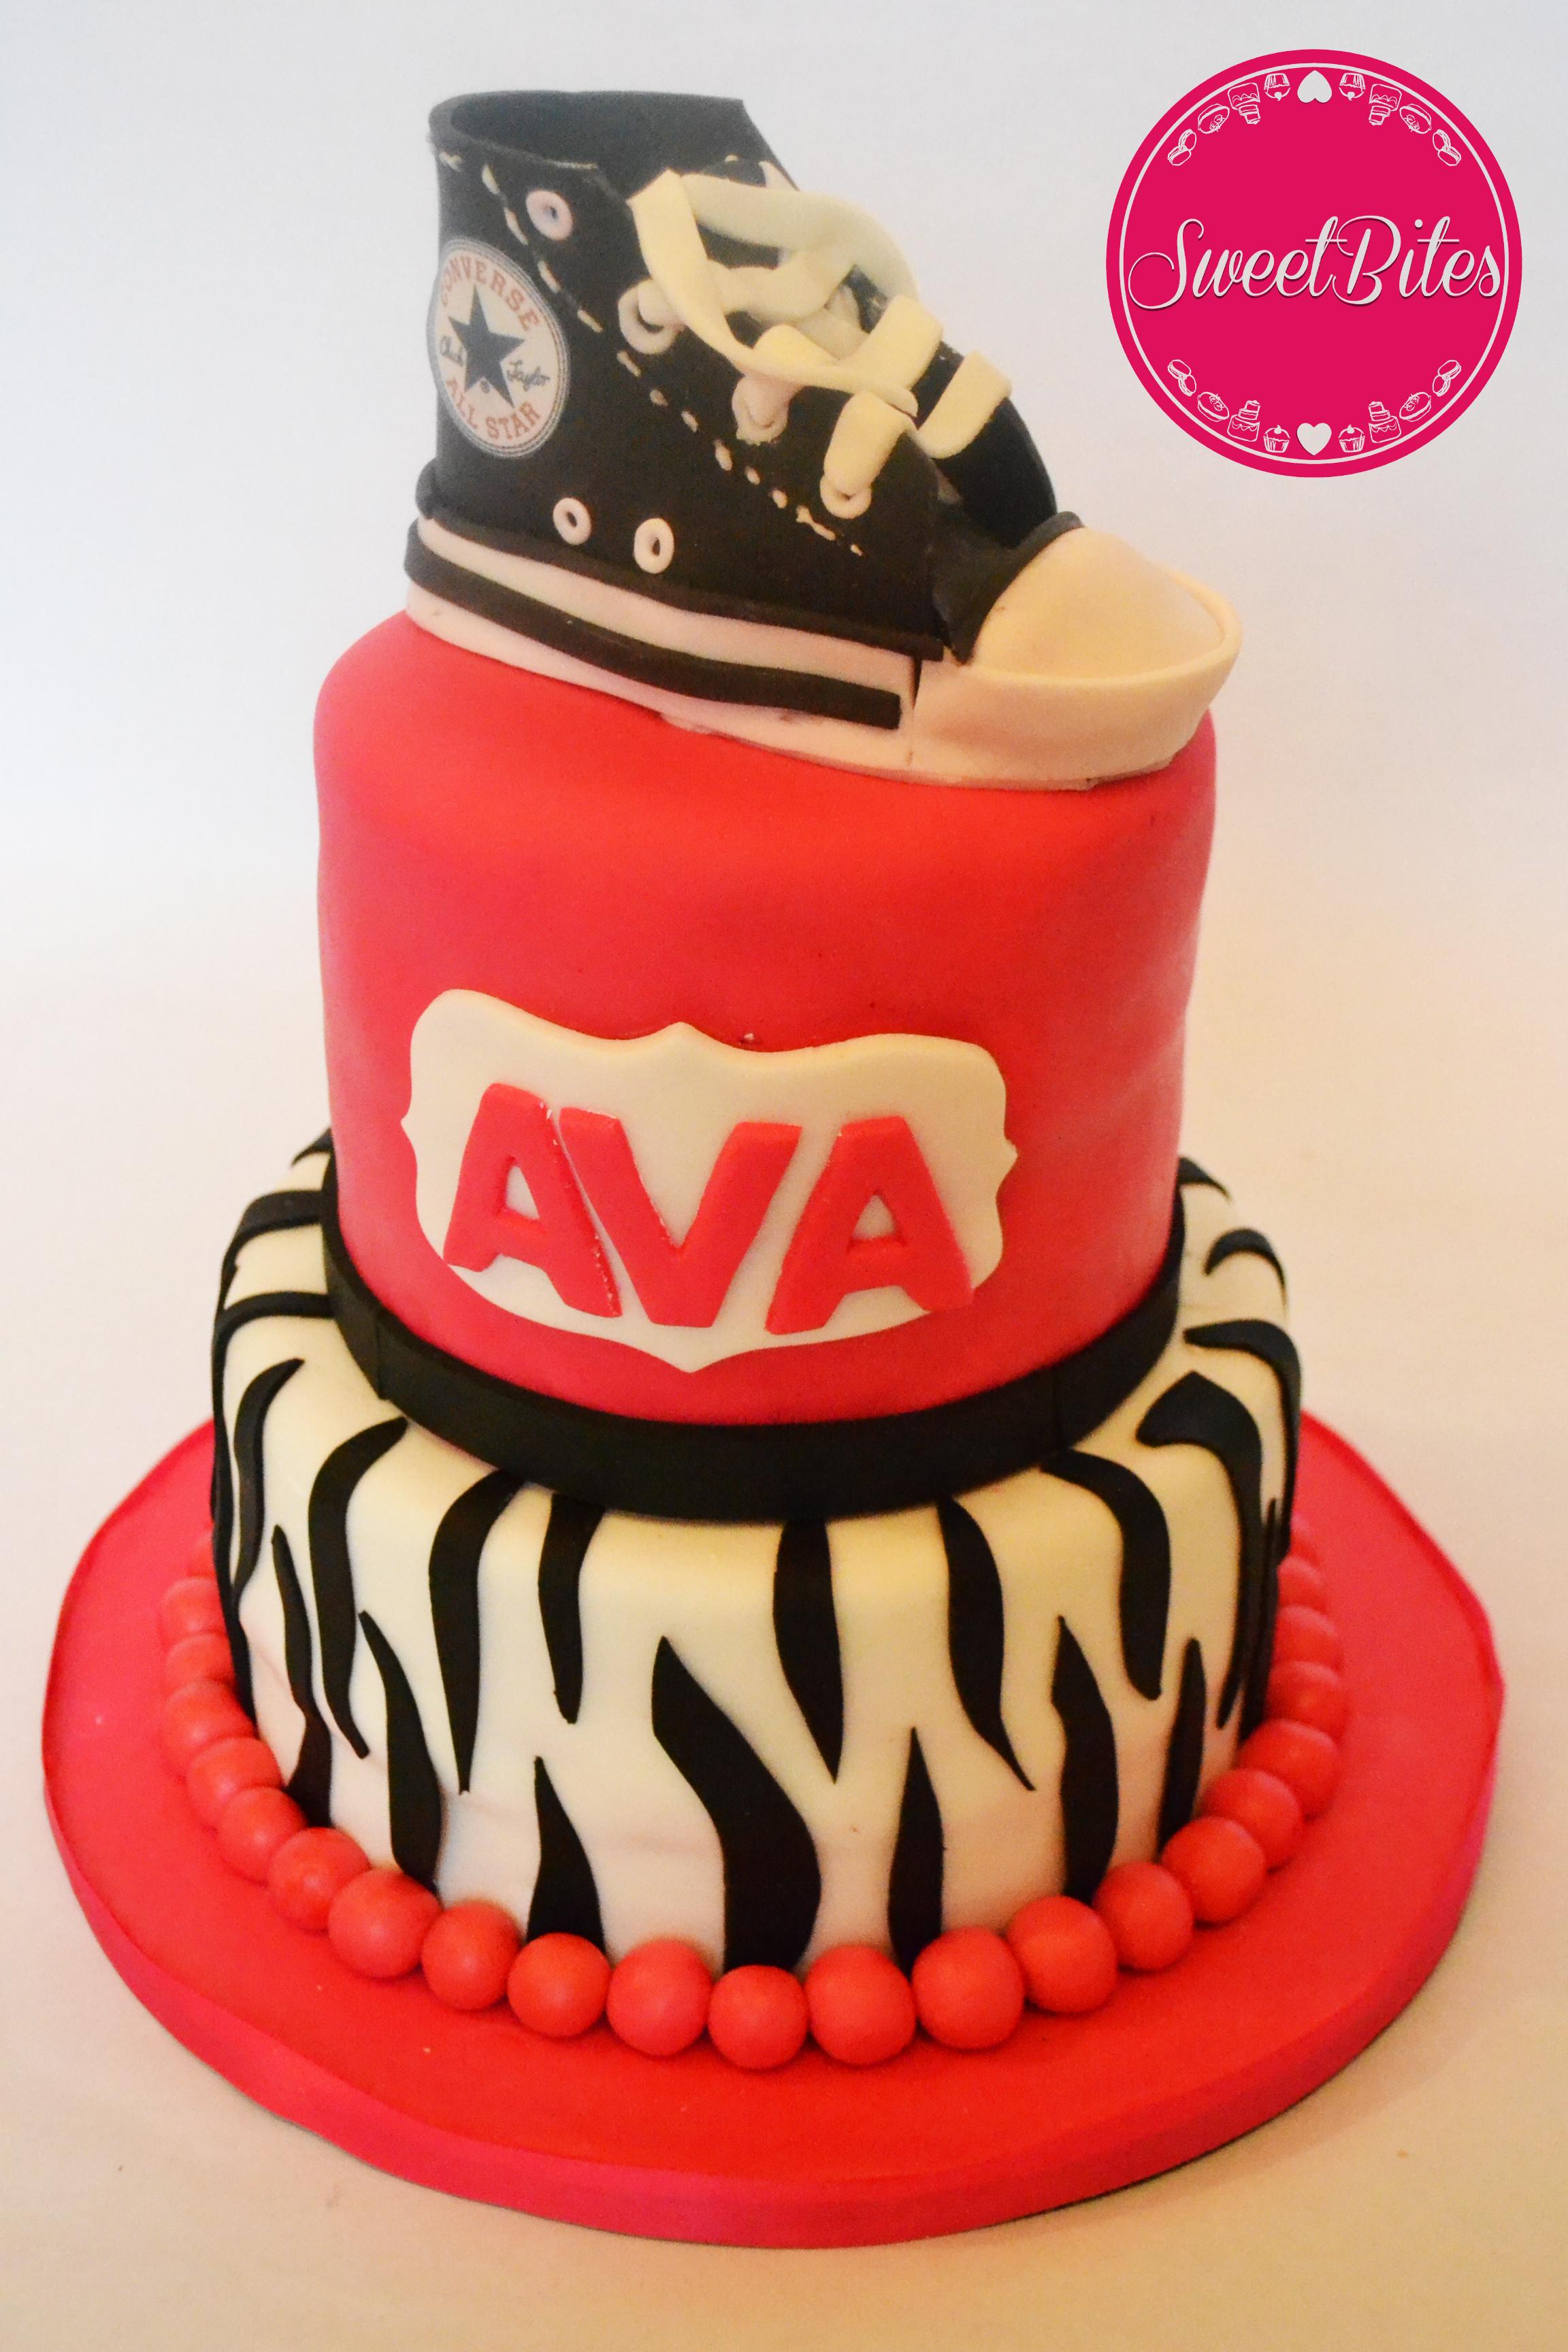 Sweetbites Celebration Cakes